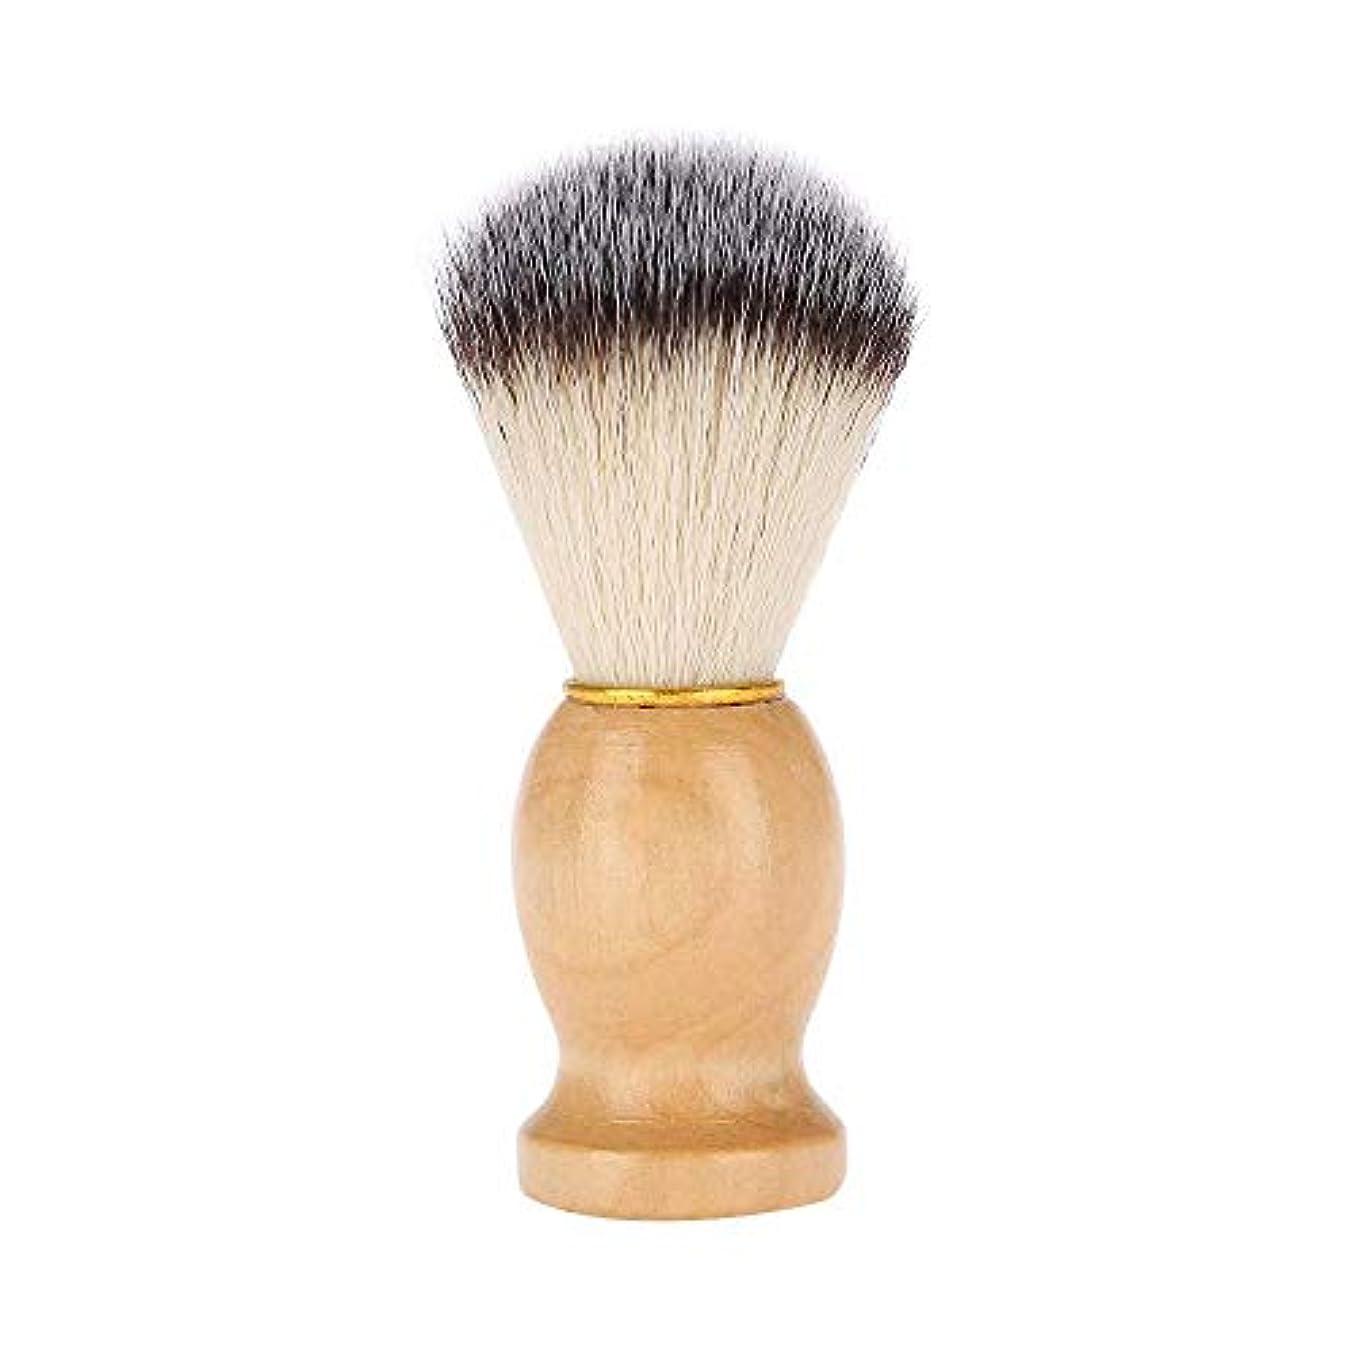 不明瞭システム香港1 ひげブラシメンズシ毛髭ブラシと木製コム ェービングブラシ 美容ツール 髭剃り メンズ シェービングブラシ ポータブルひげ剃り黄